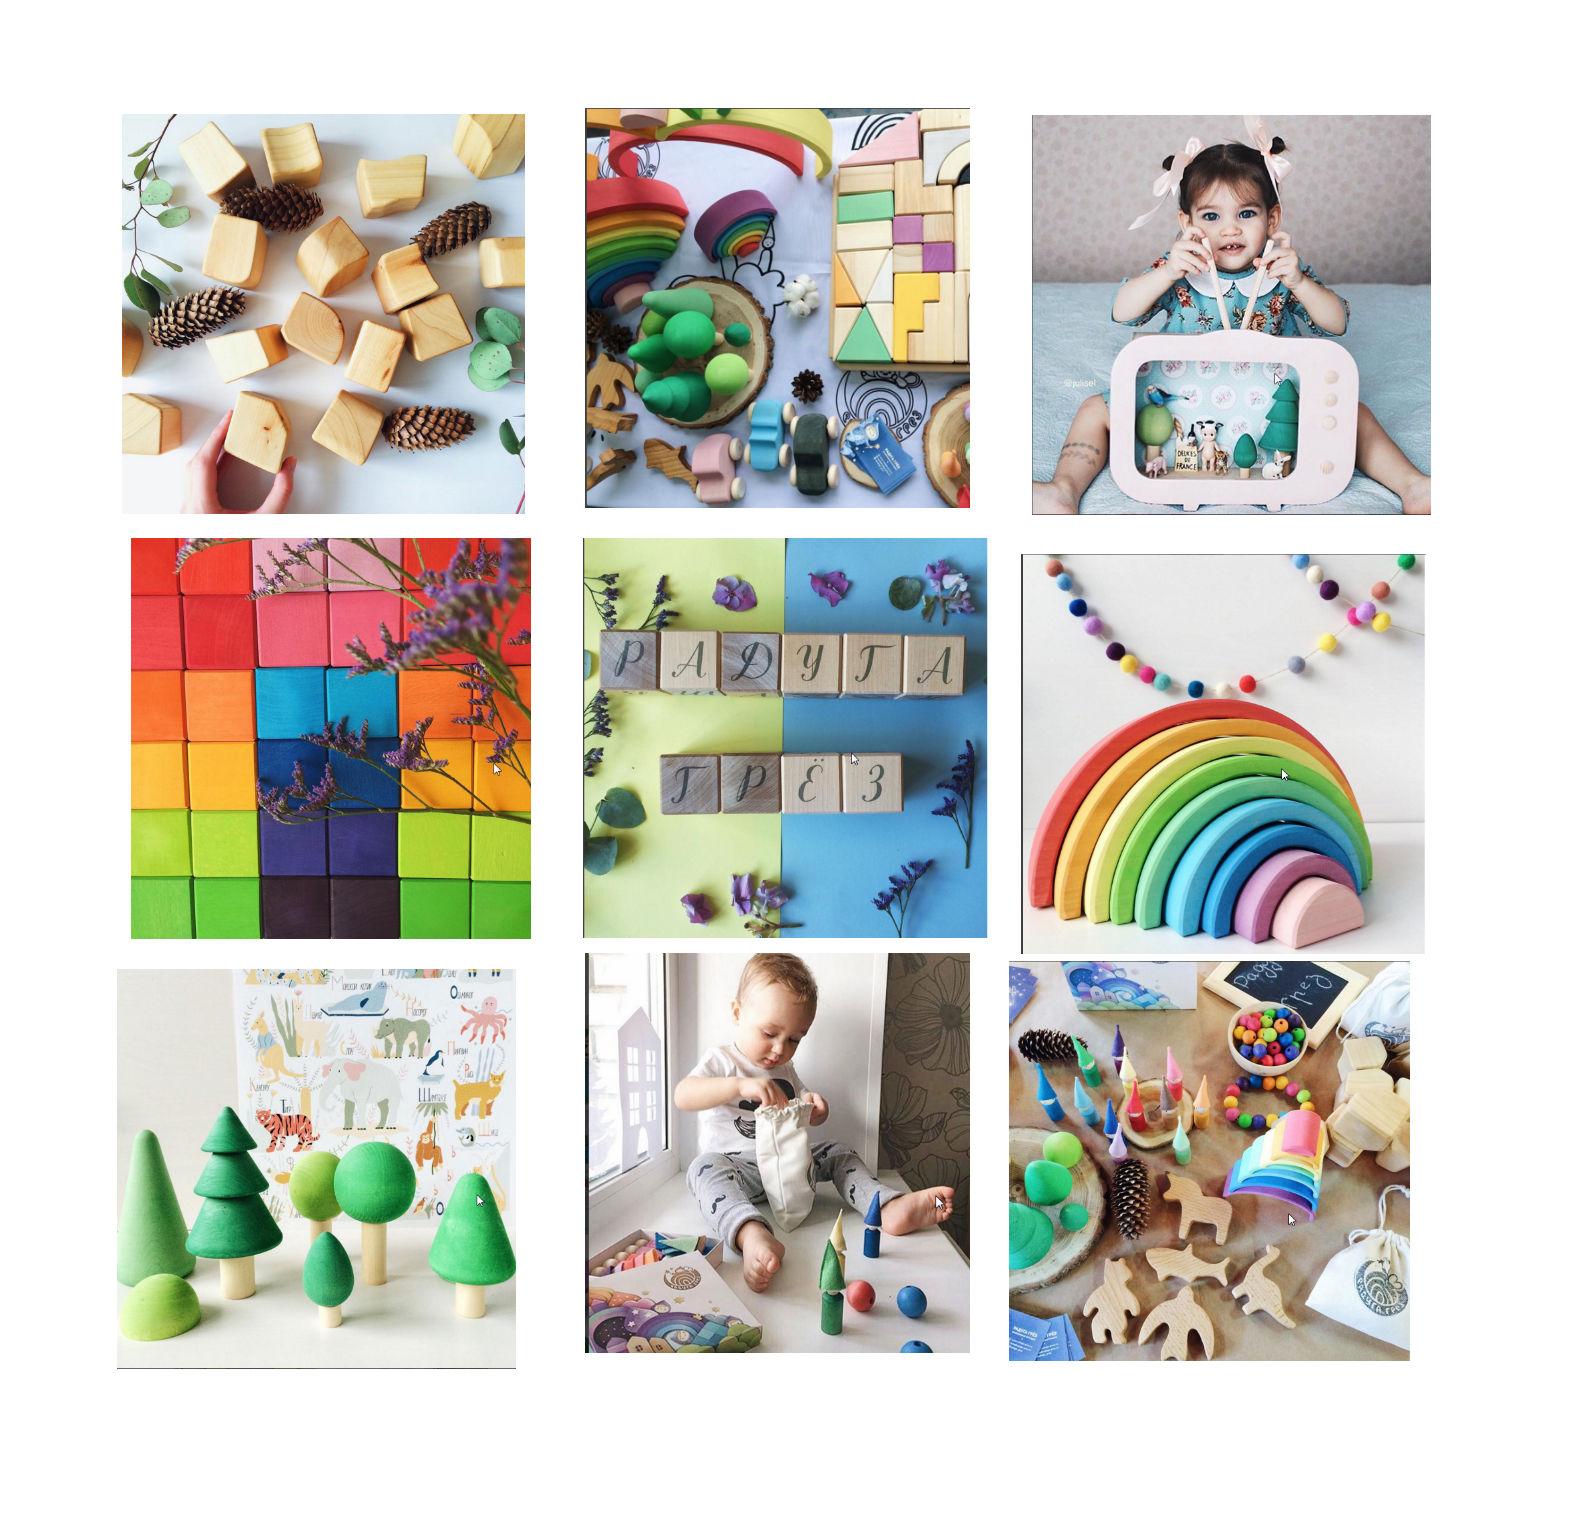 ОЧЕНЬ РЕКОМЕНДУЮ ЗАКУПКУ орг КОКОСОВОЕ МАСЛО. Сбор заказов. Игрушки на которые вдохновляет лес, смех, детство, природные красоты и сказки. Деревянные игрушки - лучшие для детских игр.